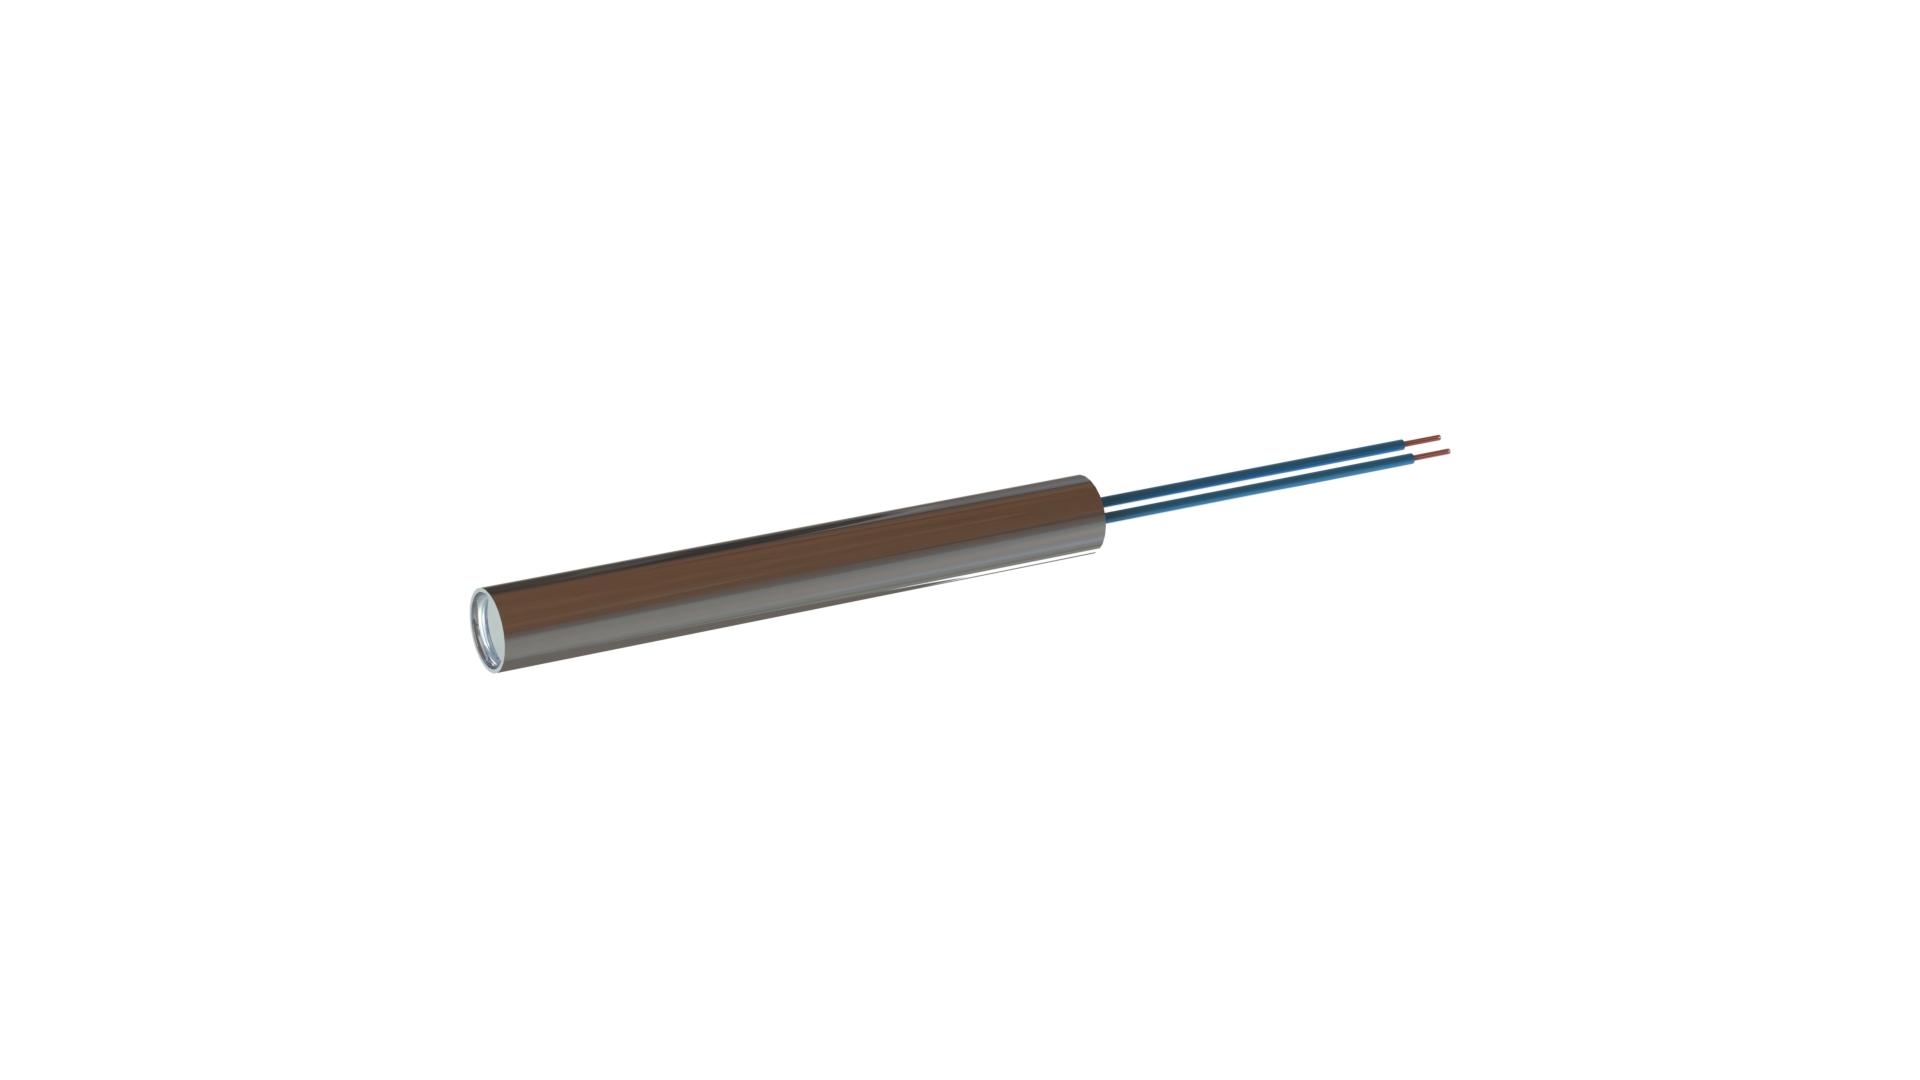 Hochleistungspatrone 1/4 Zoll (6,35 mm)